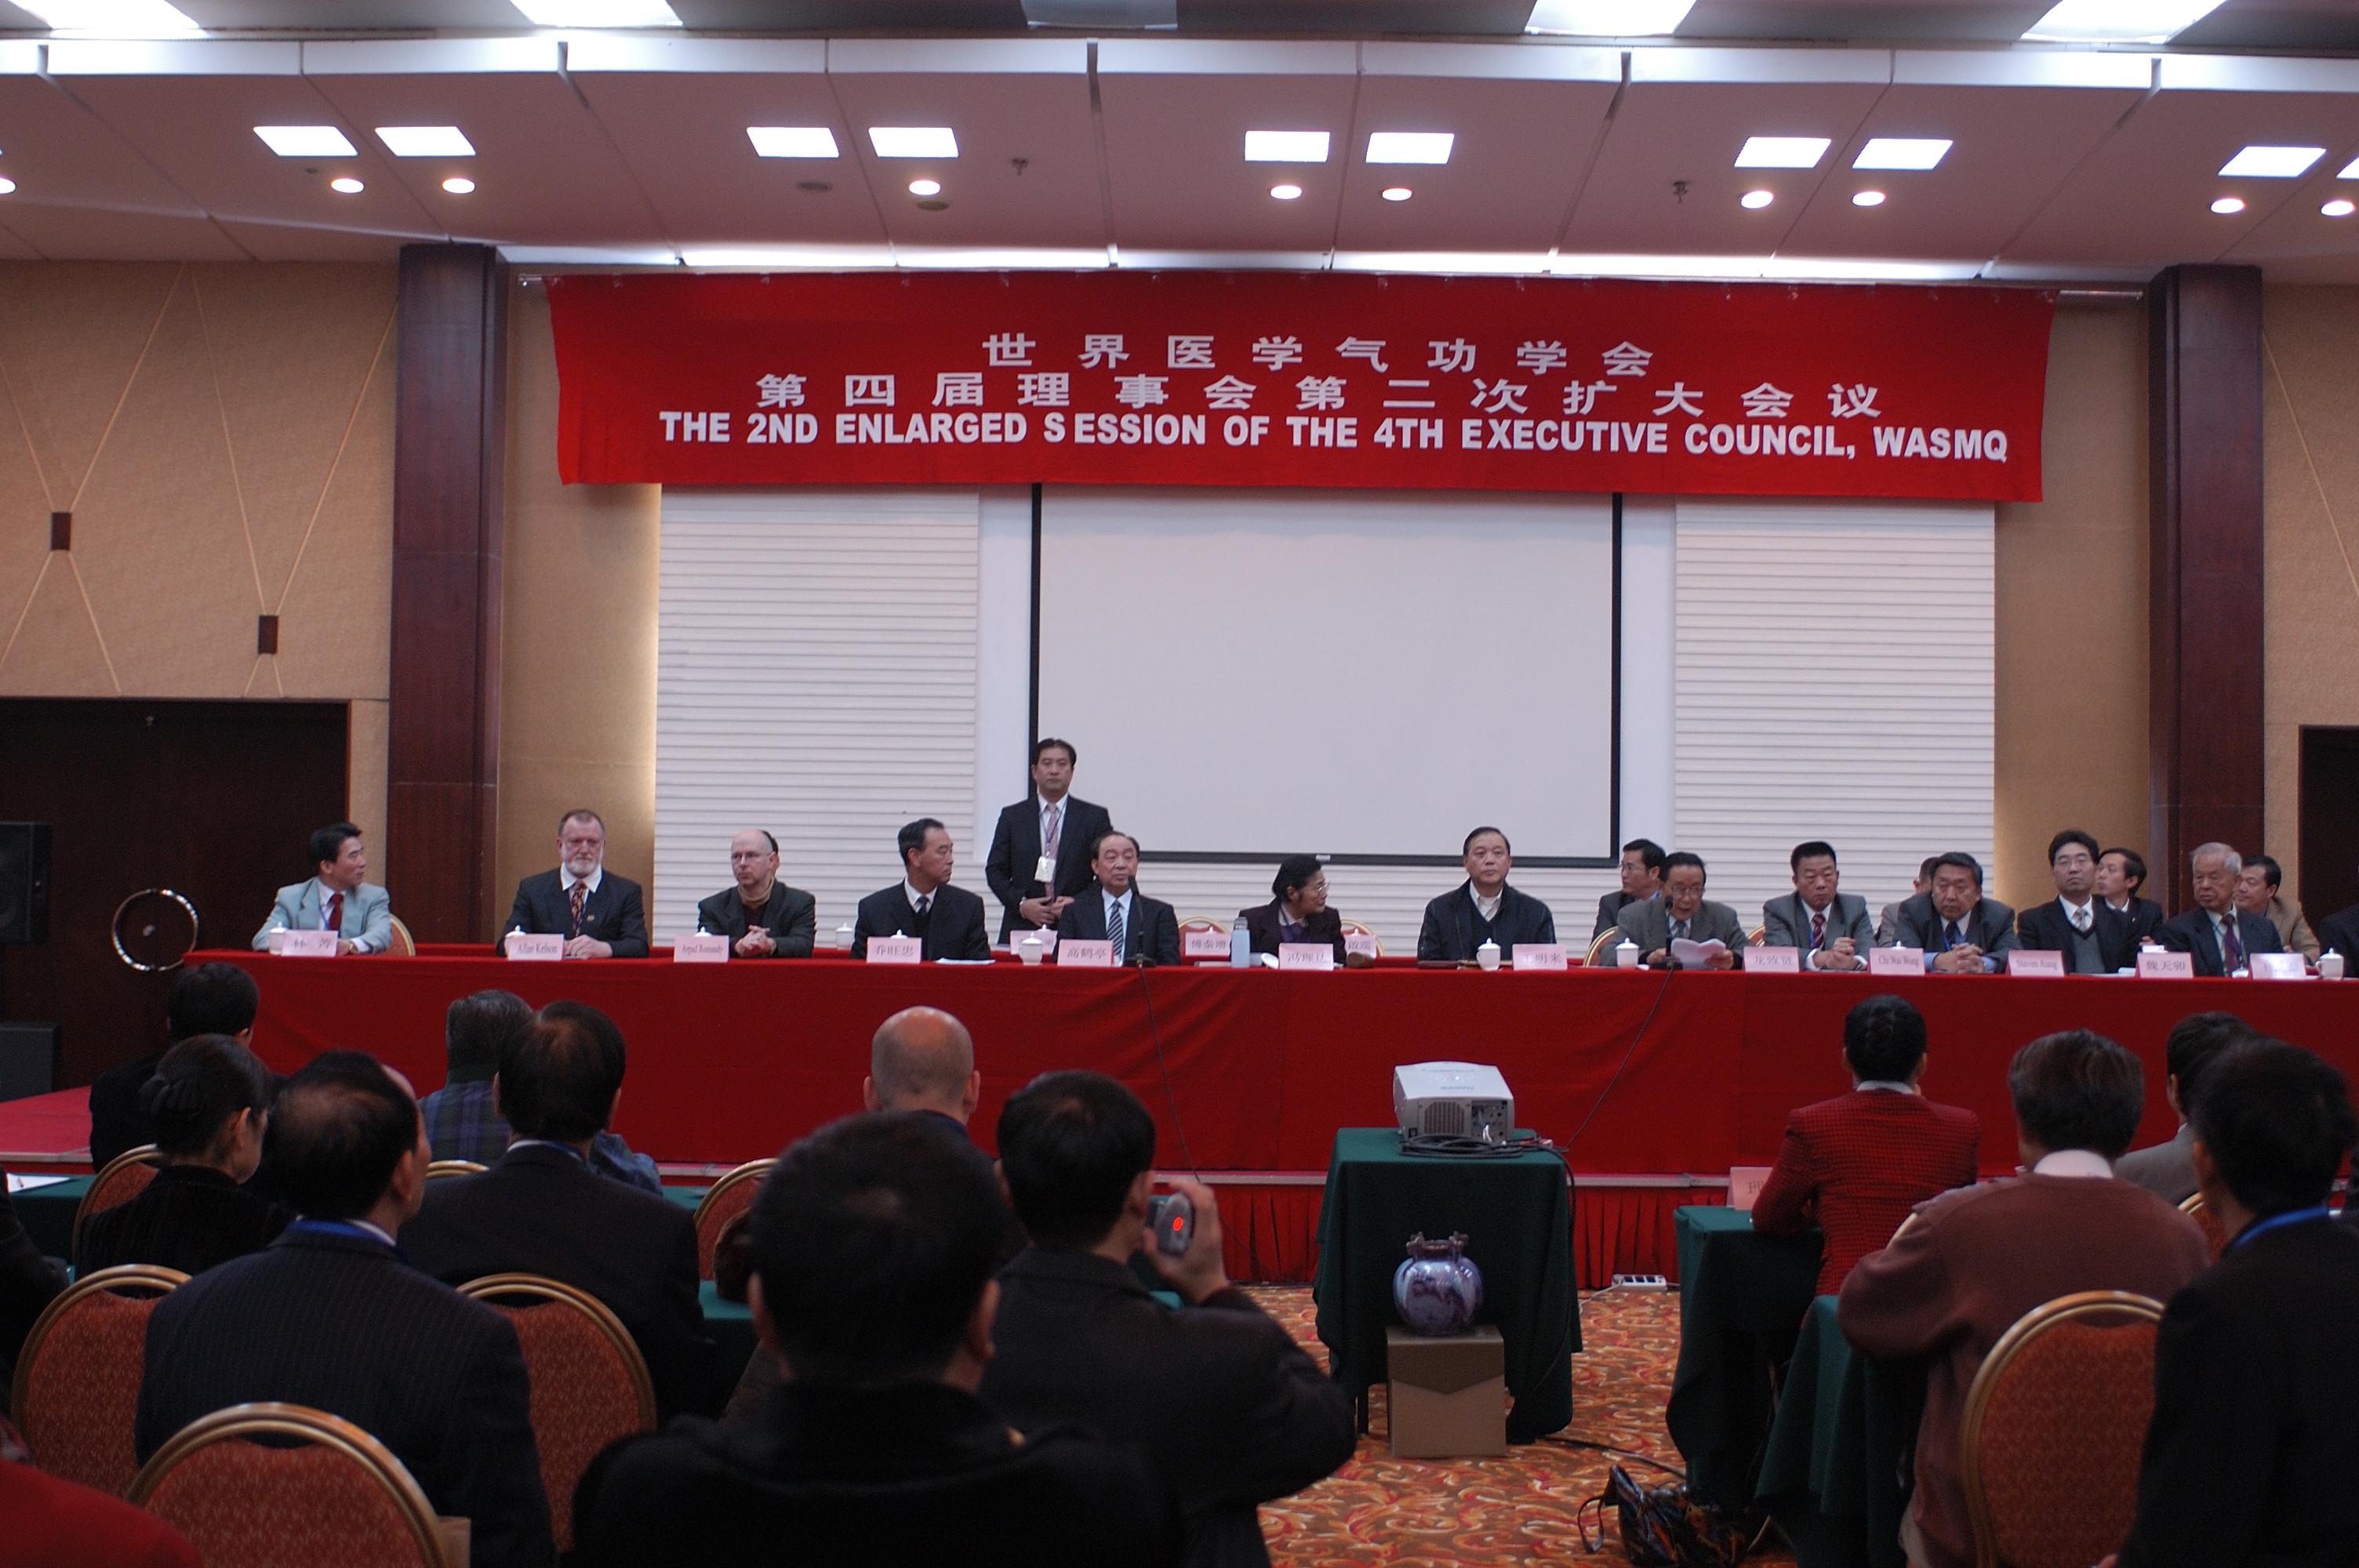 世界医学気功学会 第四回理事会第二次拡大会議 開会式